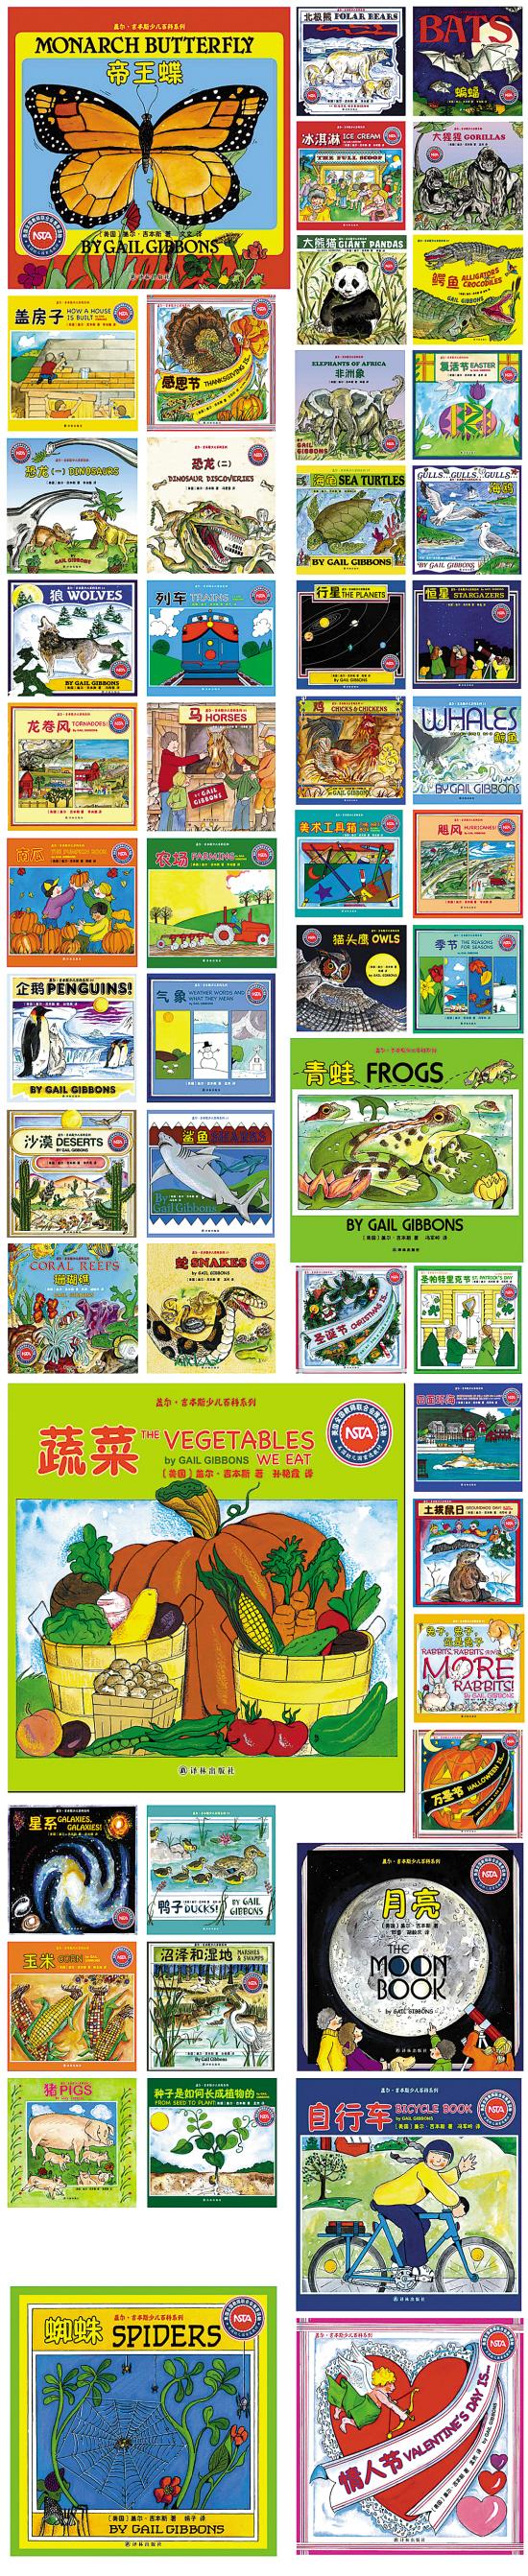 文/图 小江 奥托跟爸爸一起去旅行,一路上他们遇到了:各种千奇百怪的小车、戴着樱桃耳环的大公牛司机、要吃水果沙拉的农夫小猪在旅途过程中,奥托一直兴奋地数着:1只北极熊、2只熊宝宝、3只小青蛙书中到处隐藏着作者极具匠心的设计,还有一个大大的亮点:一艘1米长的折叠轮船。这些都等着小朋友们开动脑筋、用智慧的双眼去发现。 小小建筑师系列 这是一套将趣味性、知识性和审美性完美结合的少儿科普图书,分为《童话里的小屋》《冒险者的家》《盖在云端的房子》《古老而现代的SOHO》四册,通过主题分类,以故事和说明相